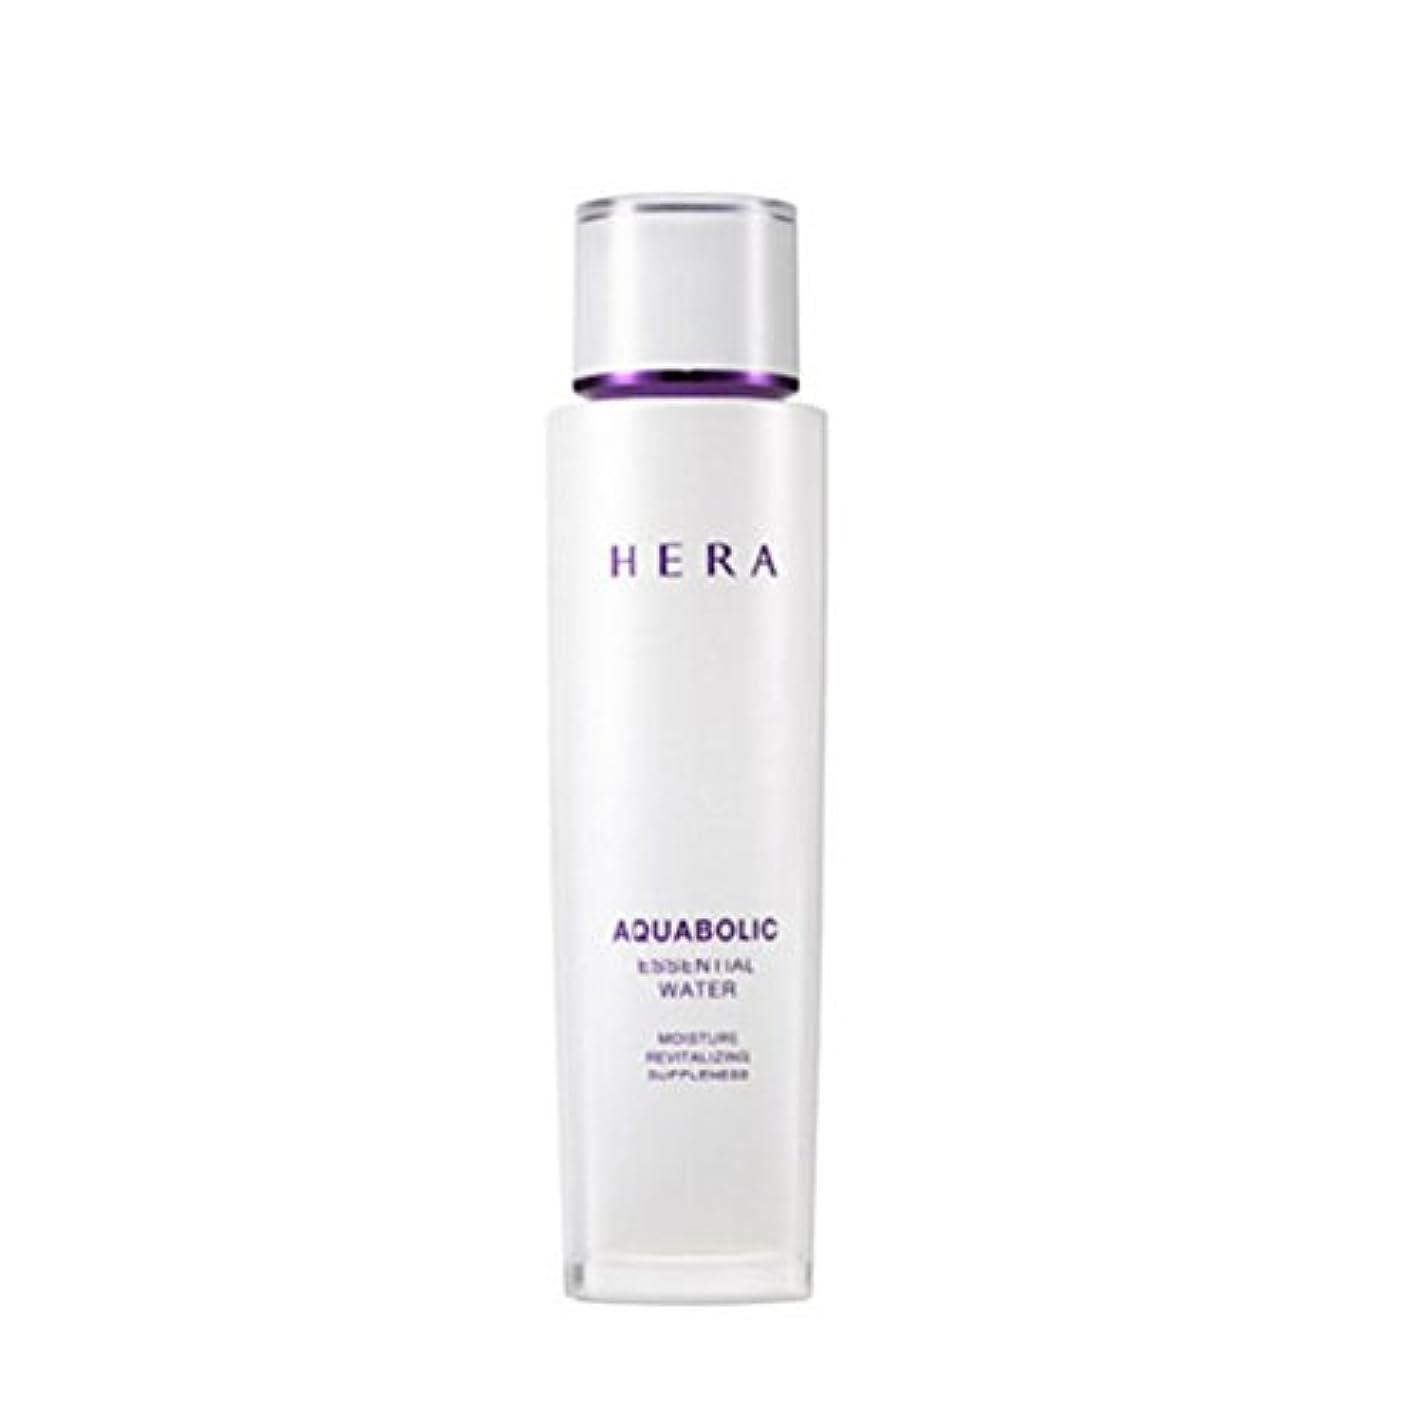 注入するバリケード誰の(ヘラ) HERA Aquabolic Essential Water アクアボルリクエッセンシャルウオーター (韓国直発送) oopspanda